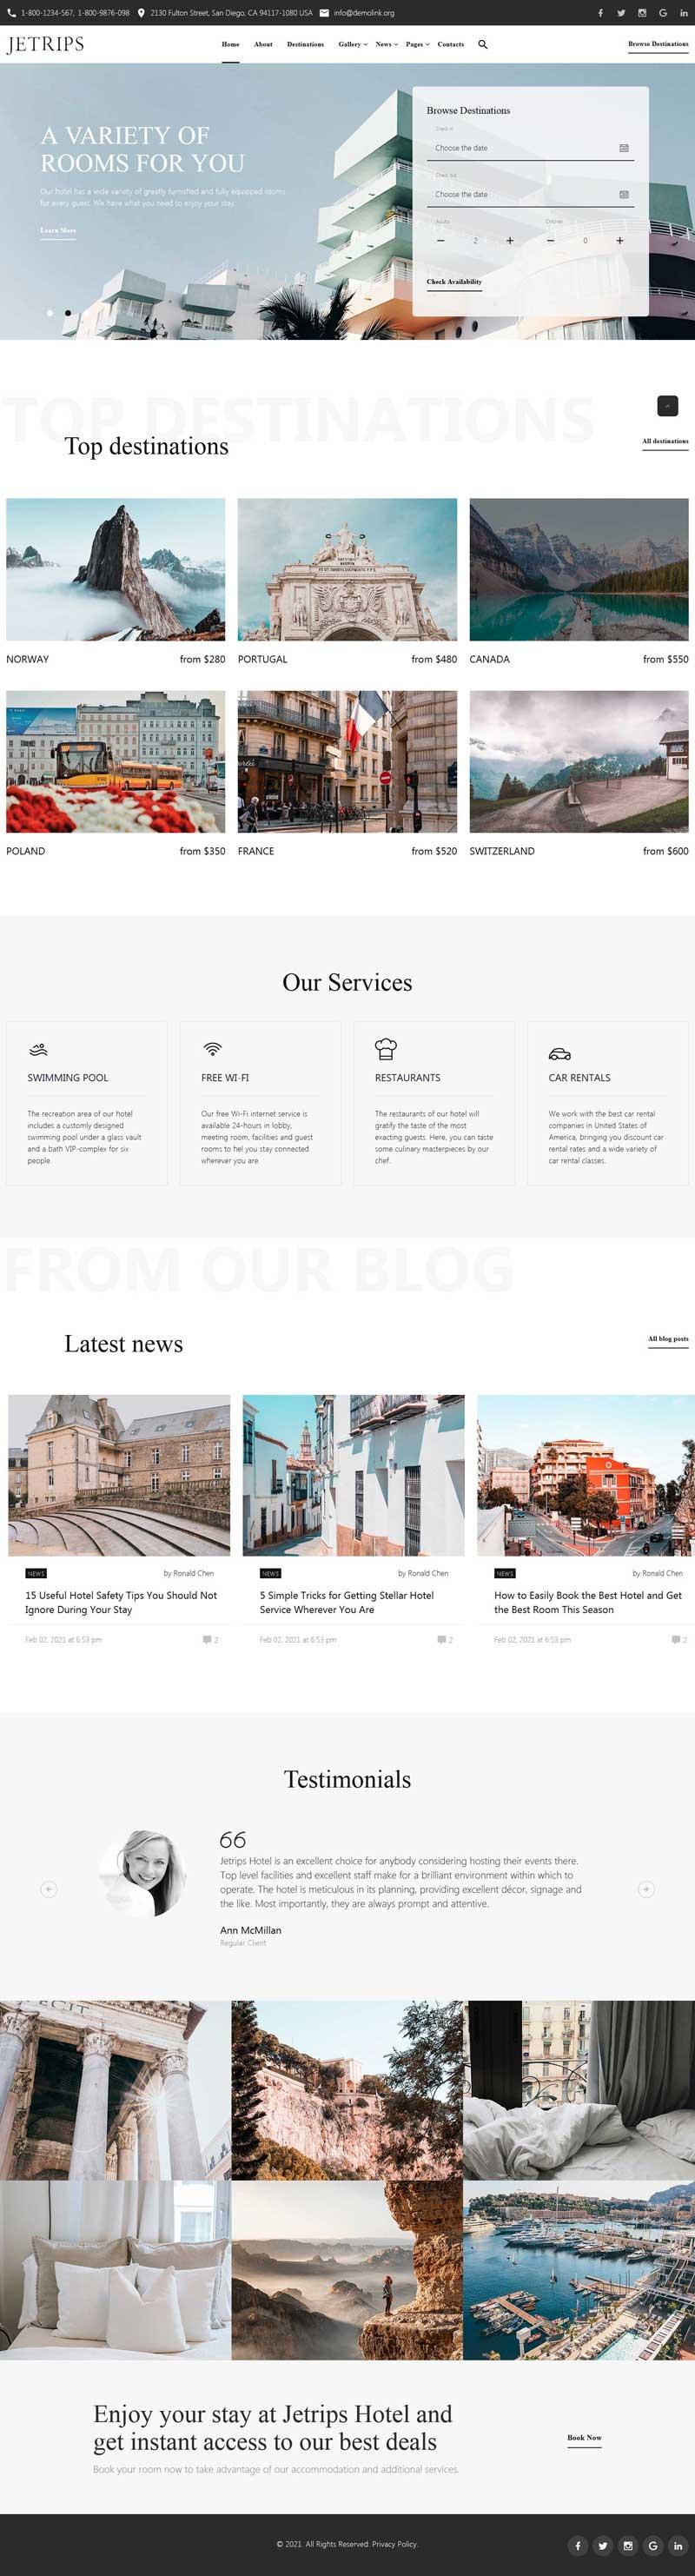 旅游度假酒店预订官网html5模板